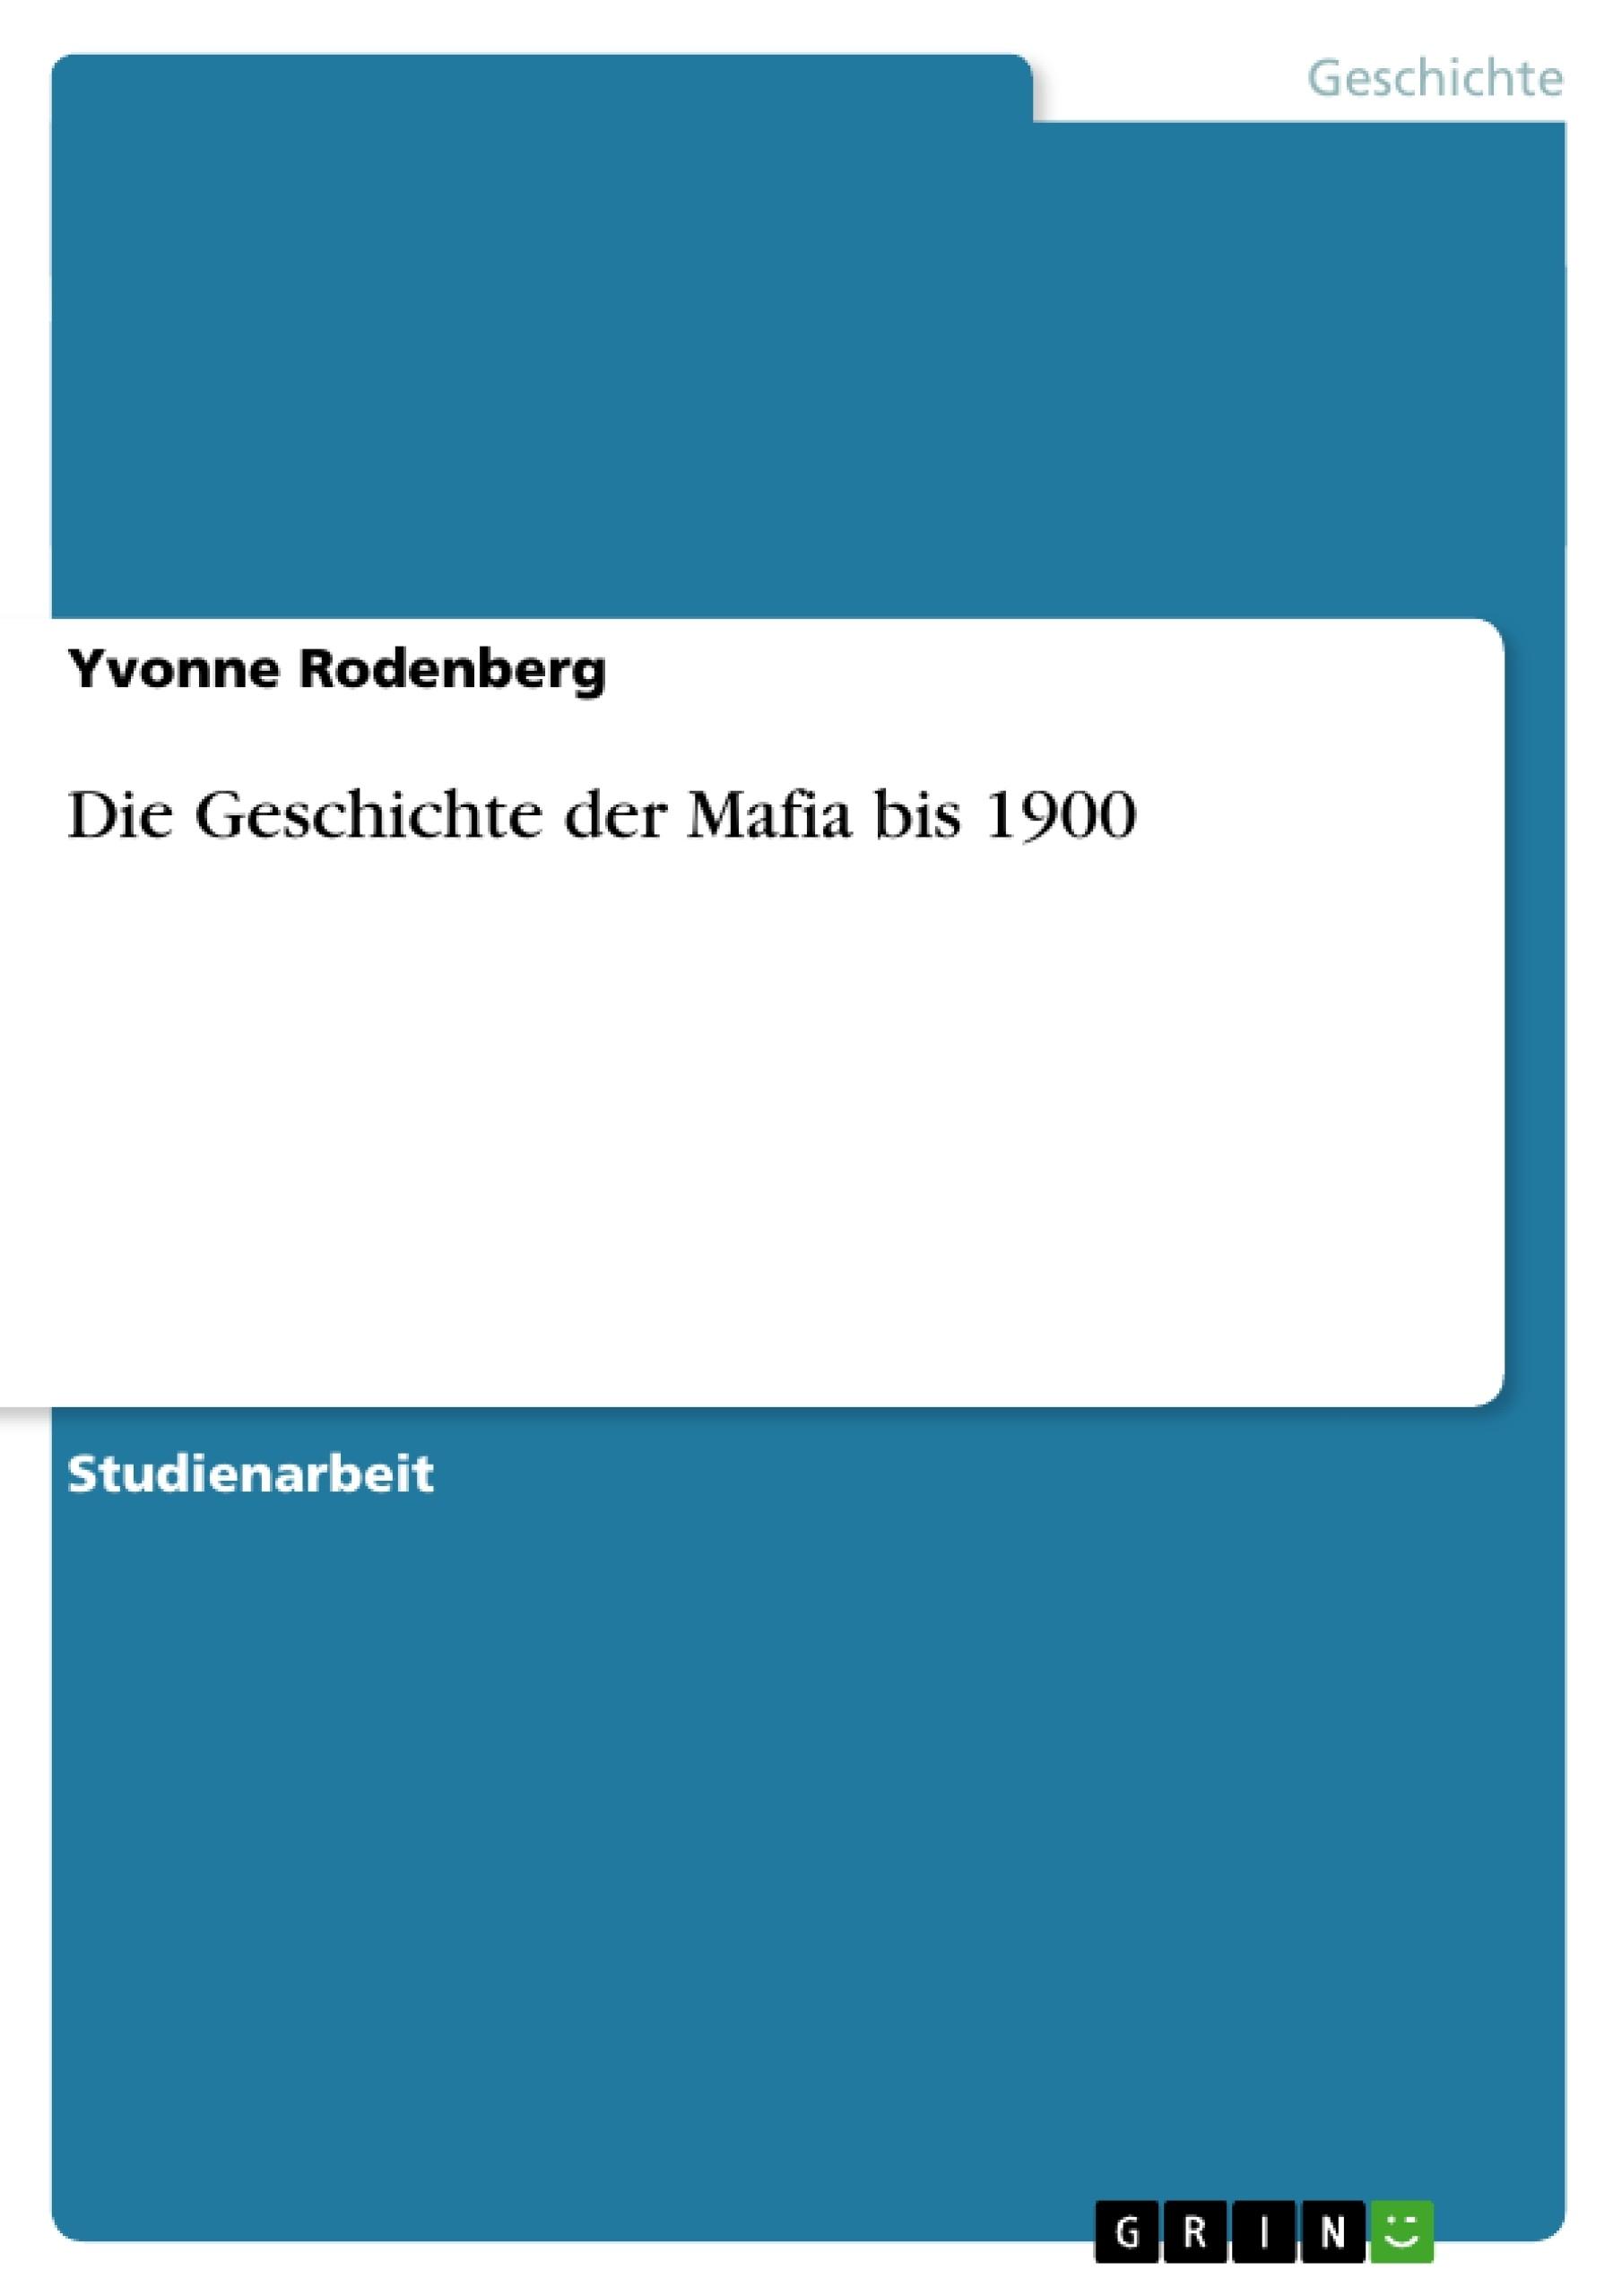 Titel: Die Geschichte der Mafia bis 1900